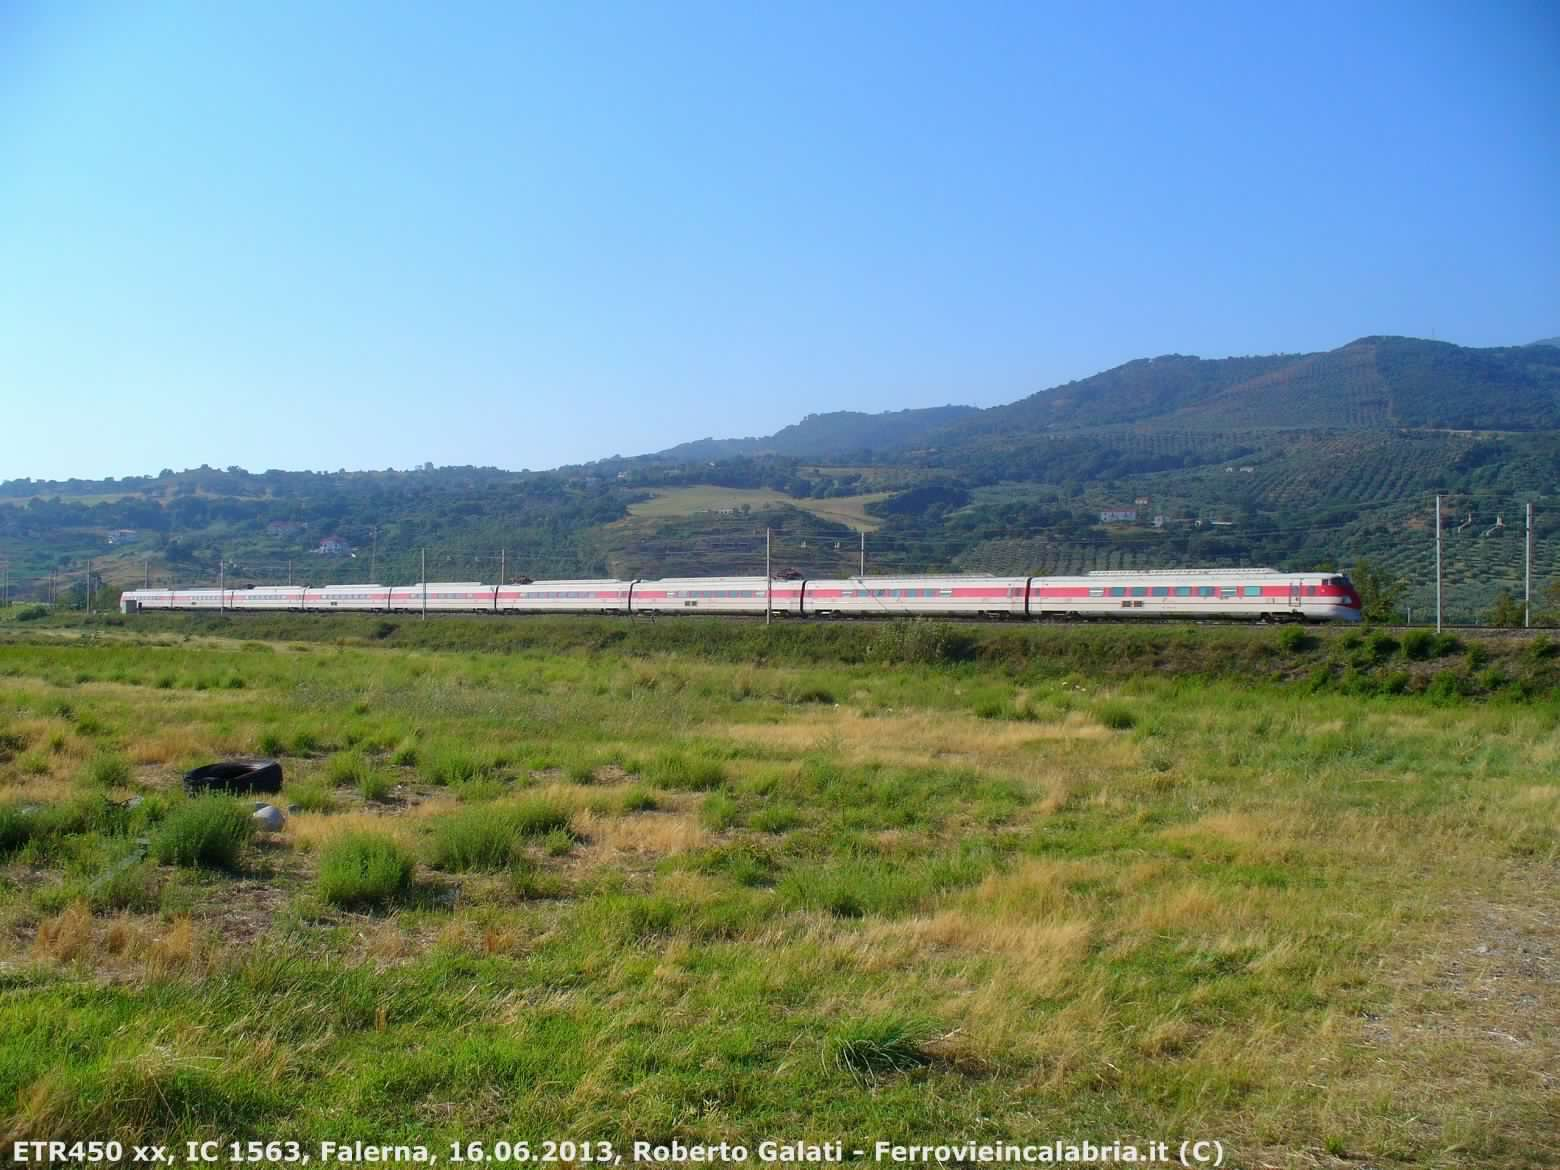 ETR450 xx-IC 1563 RomaReggio-Falerna-2013-06-16-RobertoGalati 2